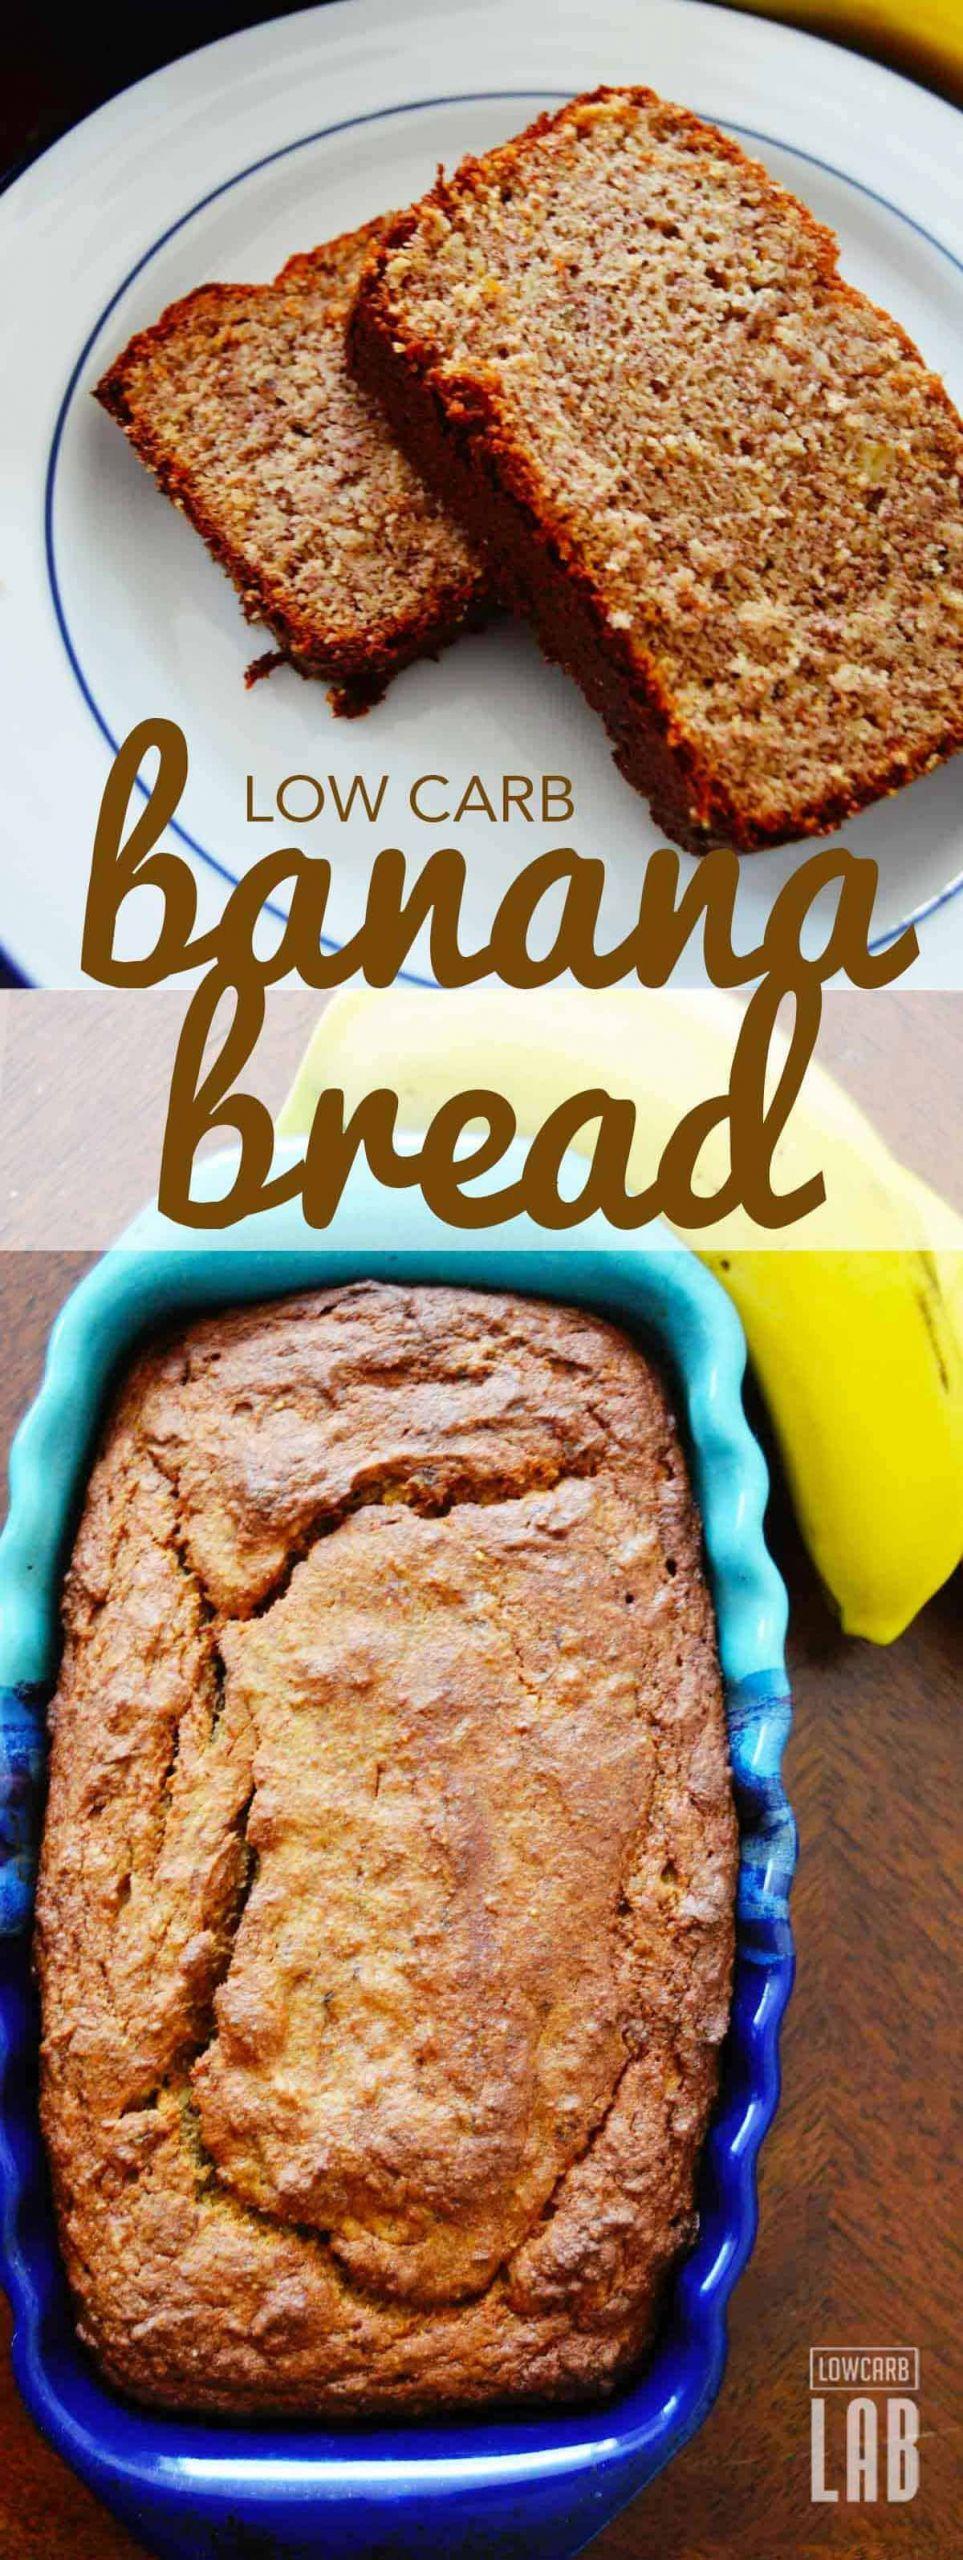 Low Carb Healthy Bread  Delicious Low Carb Banana Bread Recipe